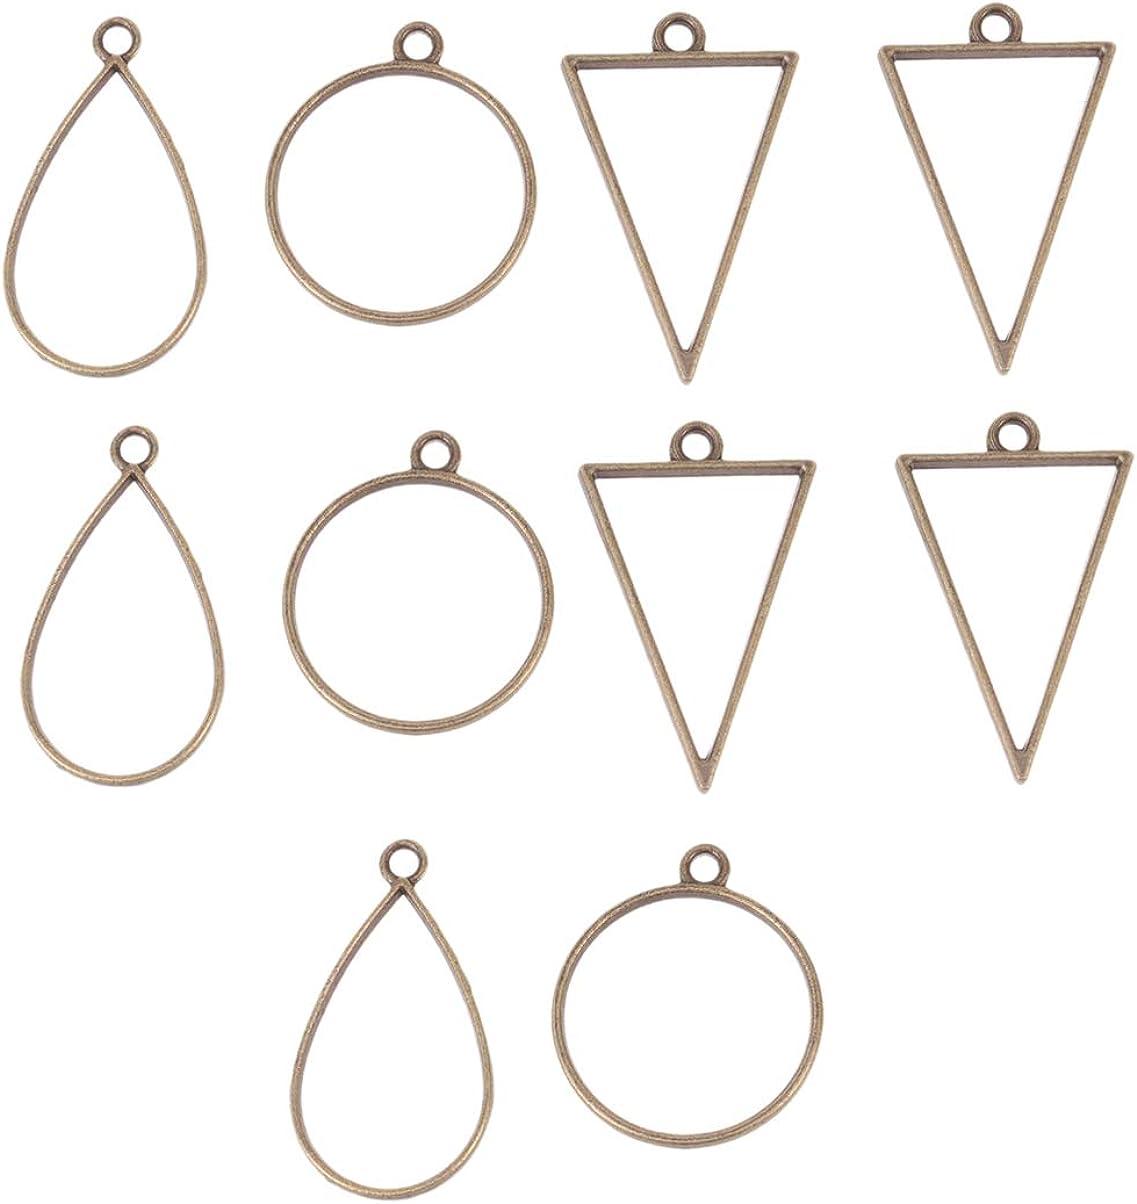 Bronze Healifty 30 st/ücke Open Back l/ünette anh/änger wassertropfen geometrische runde Rahmen anh/änger Open Back Rahmen mit Schleife f/ür DIY schmuck Machen